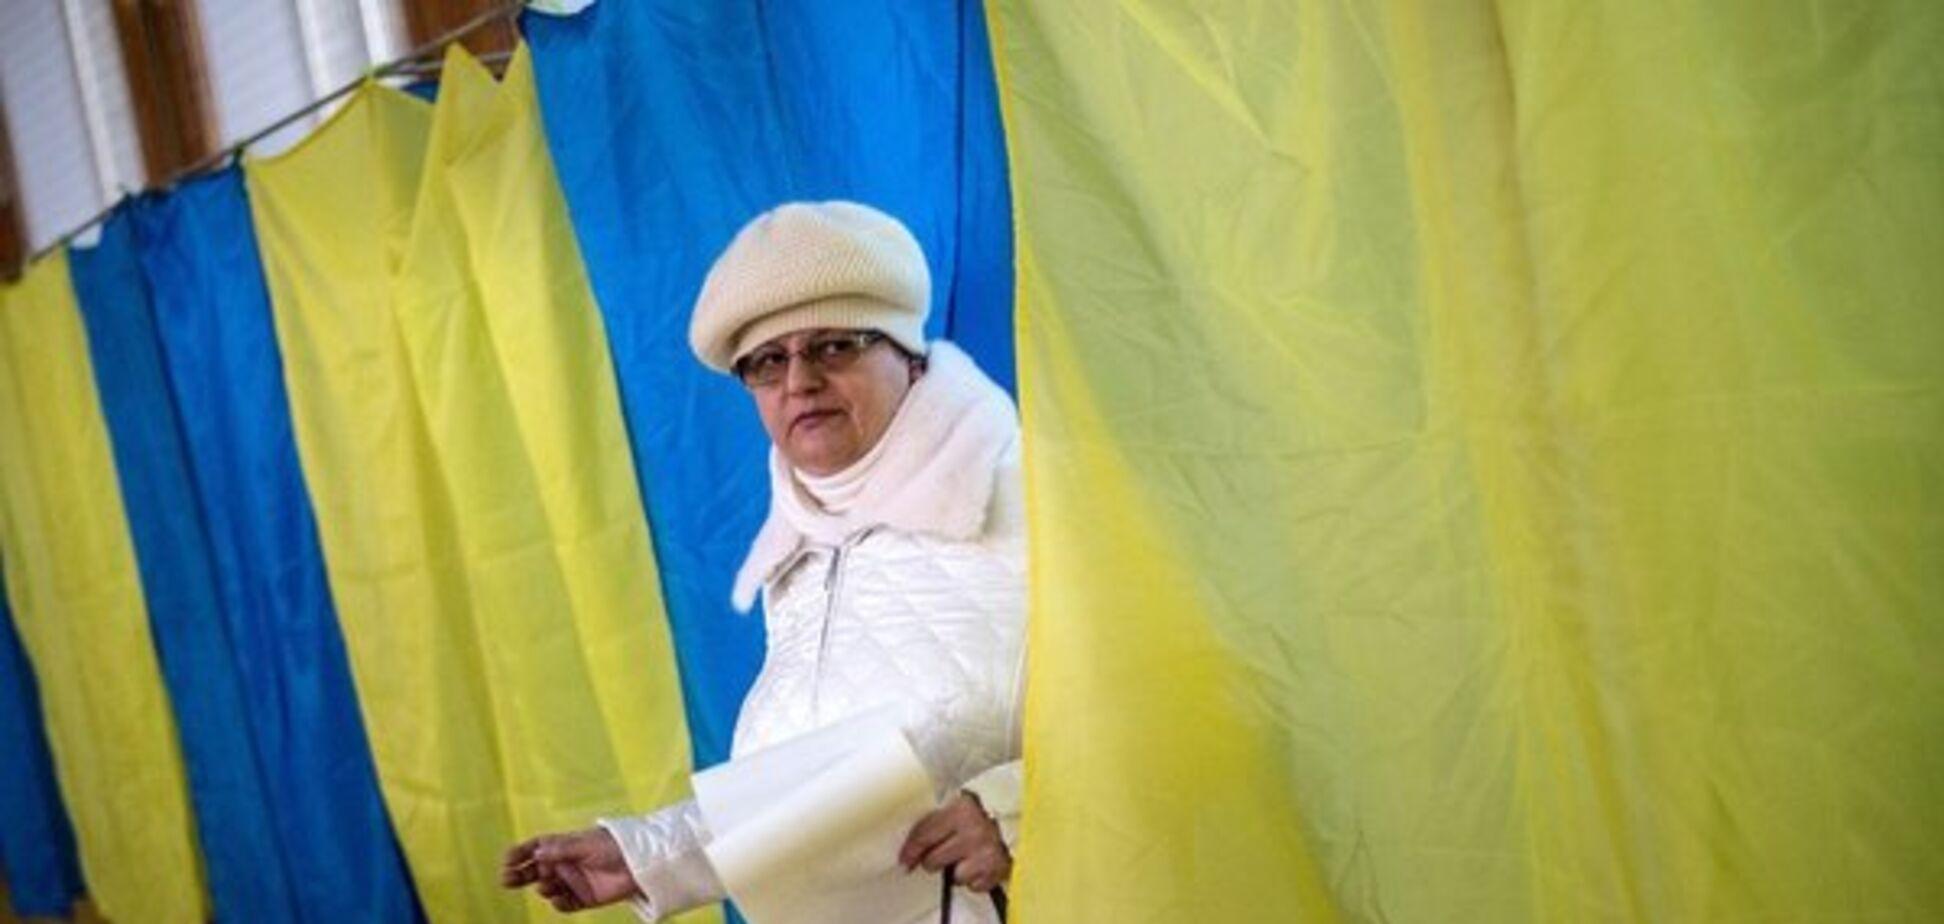 'Члени комісії – п'яні': поліція Києва повідомила про порушення на виборах